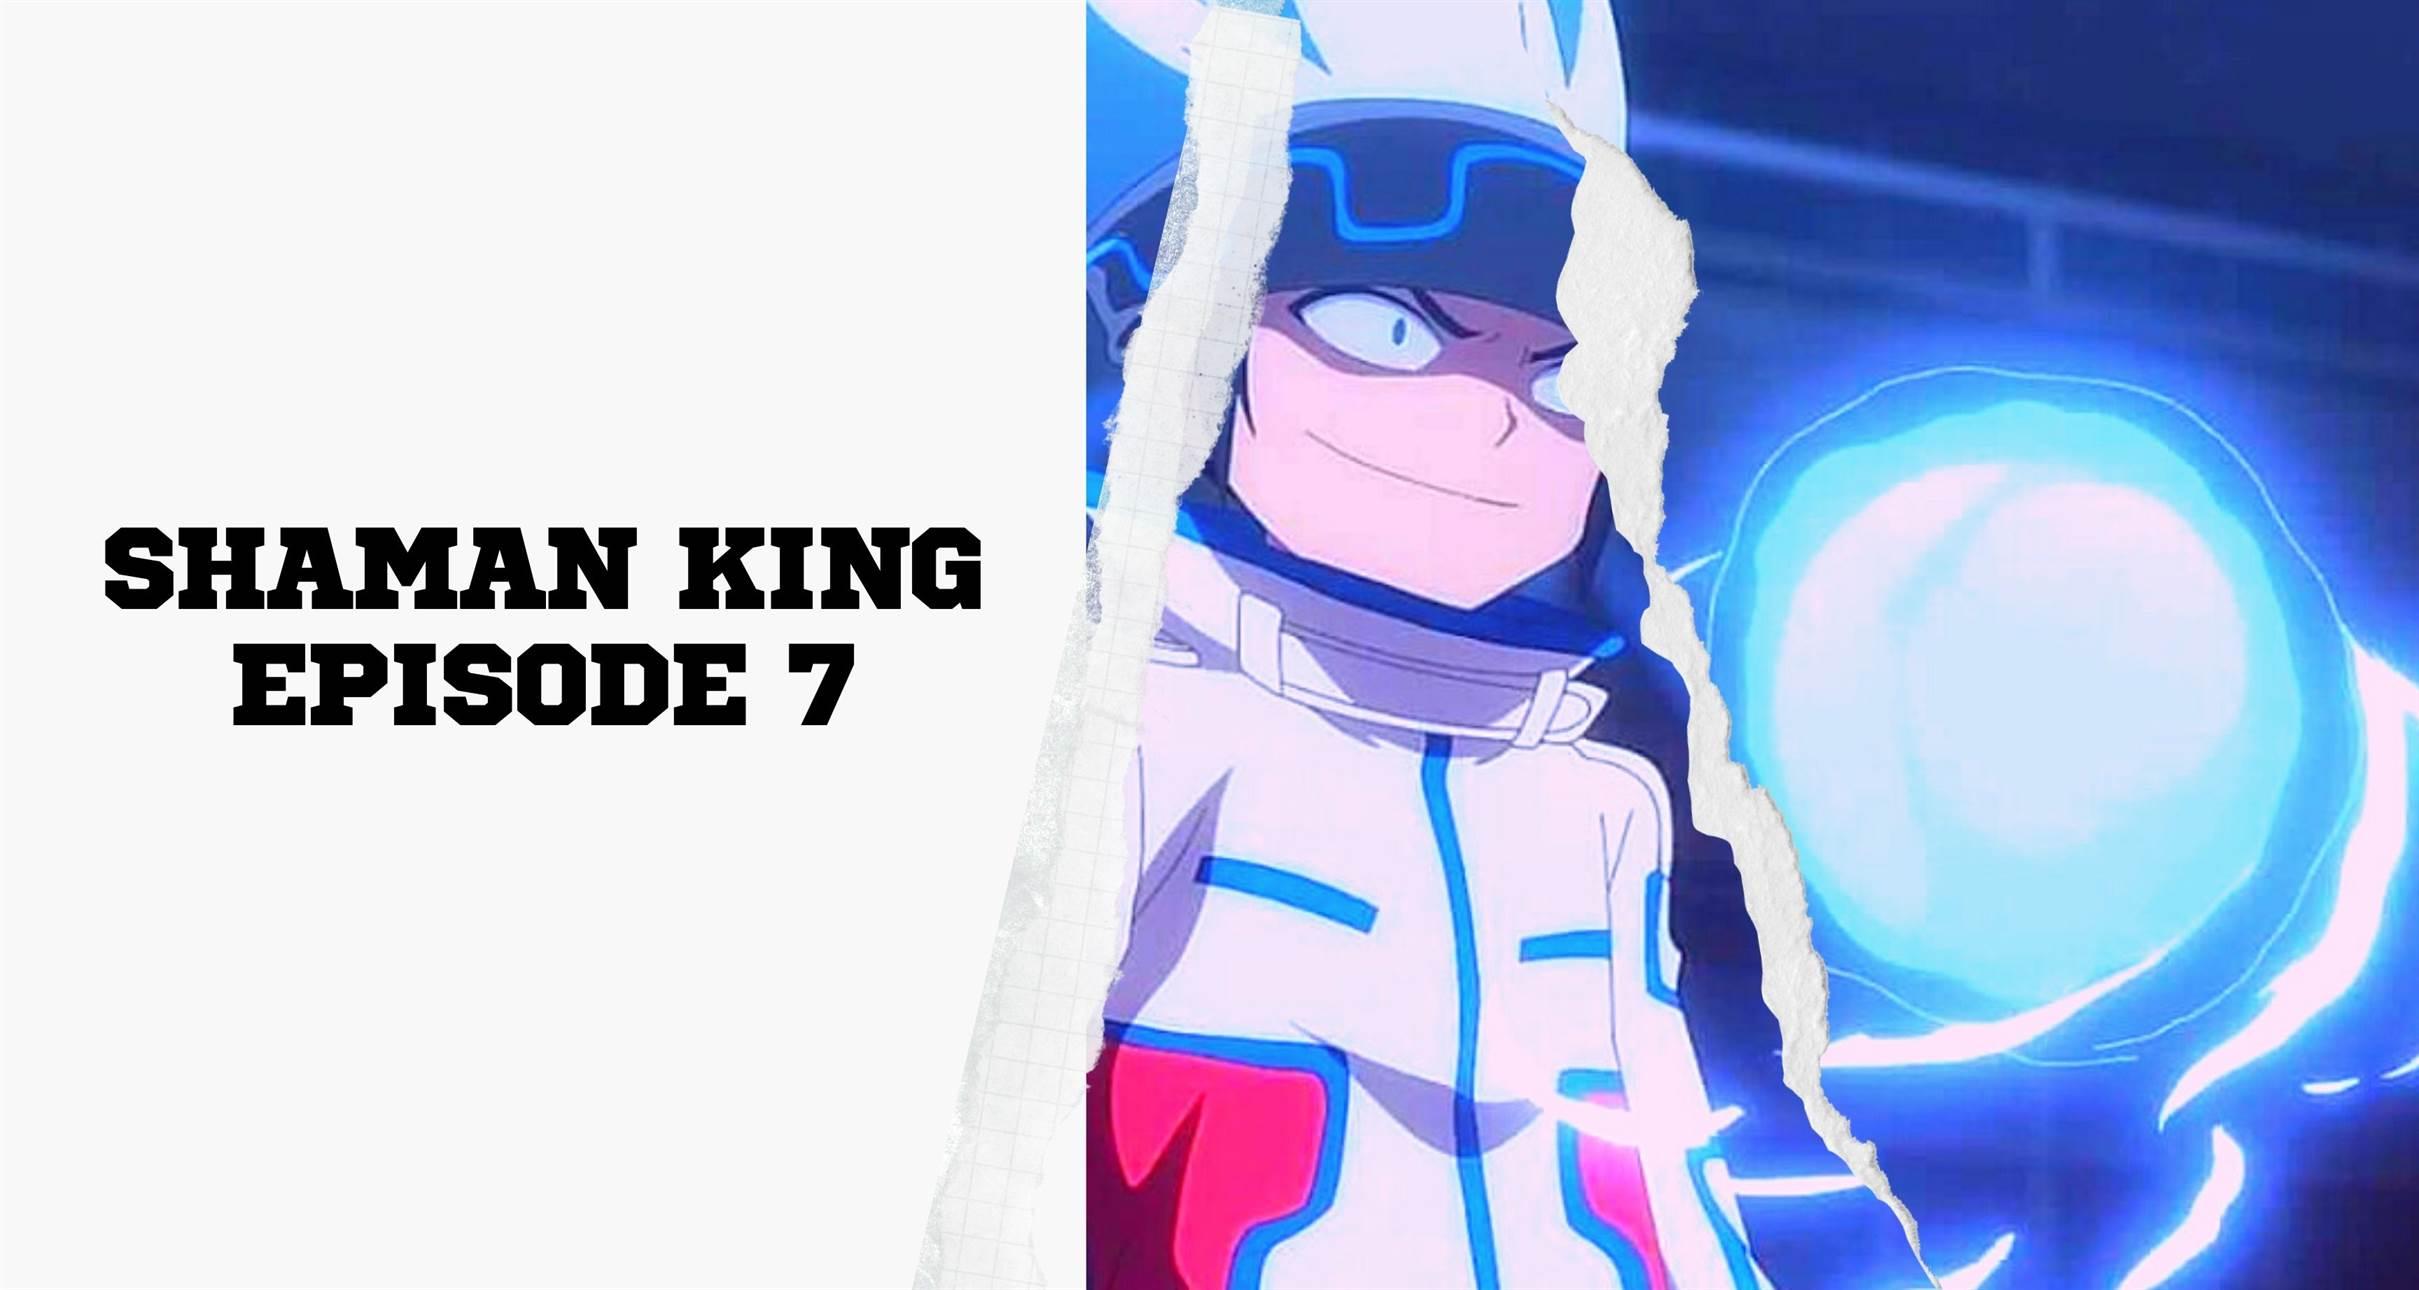 Shaman King Episode 7